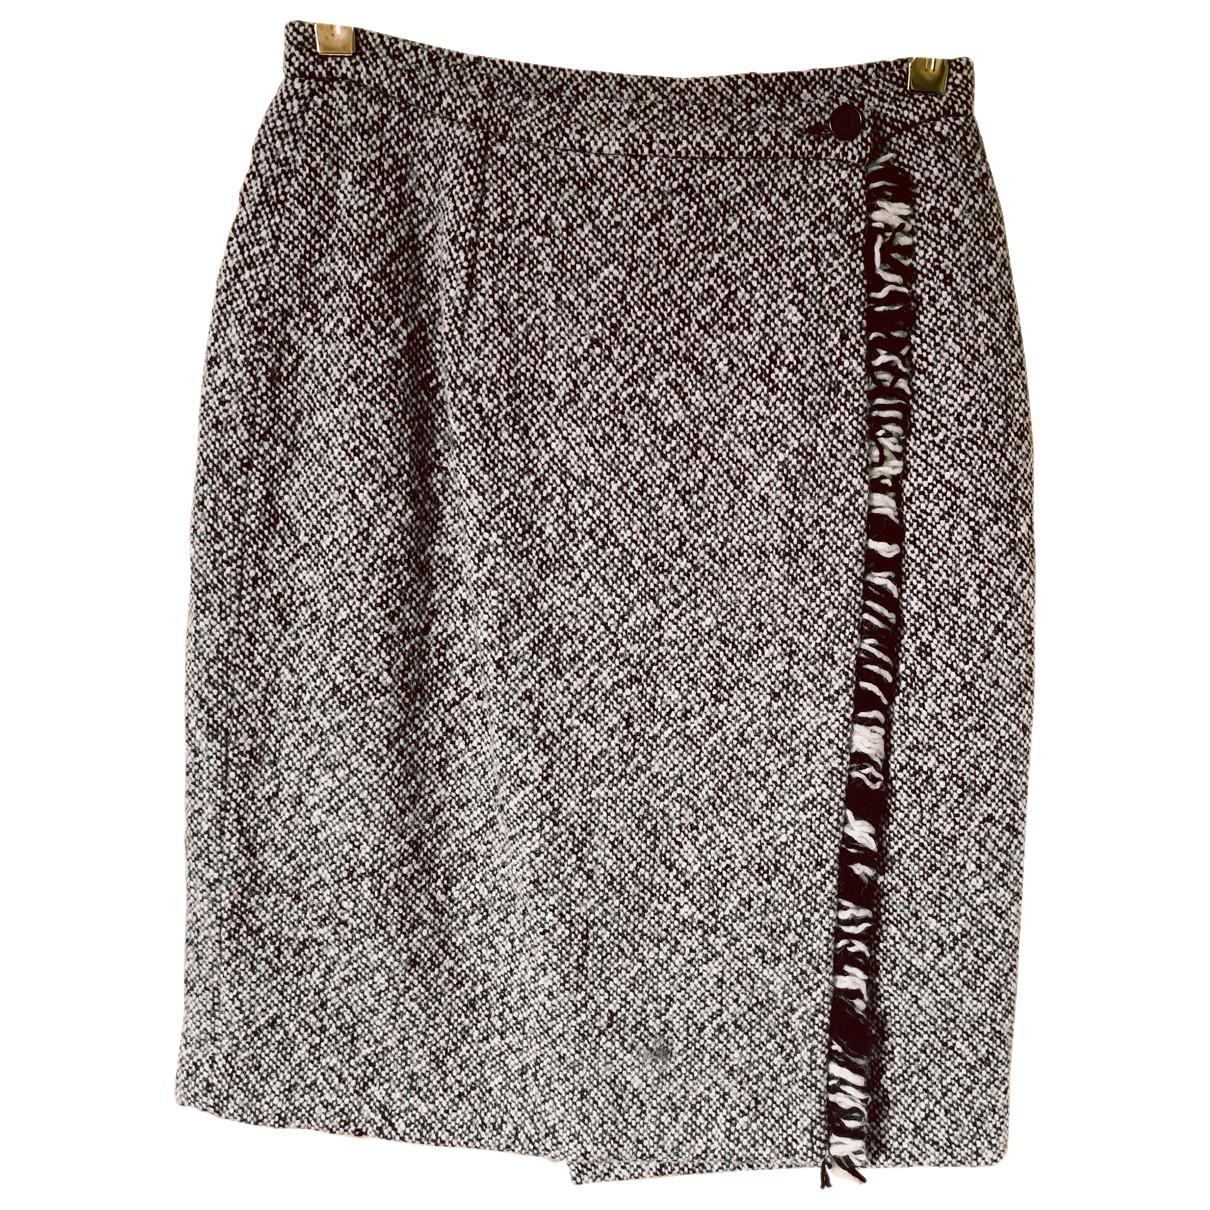 Yves Saint Laurent - Jupe   pour femme en laine